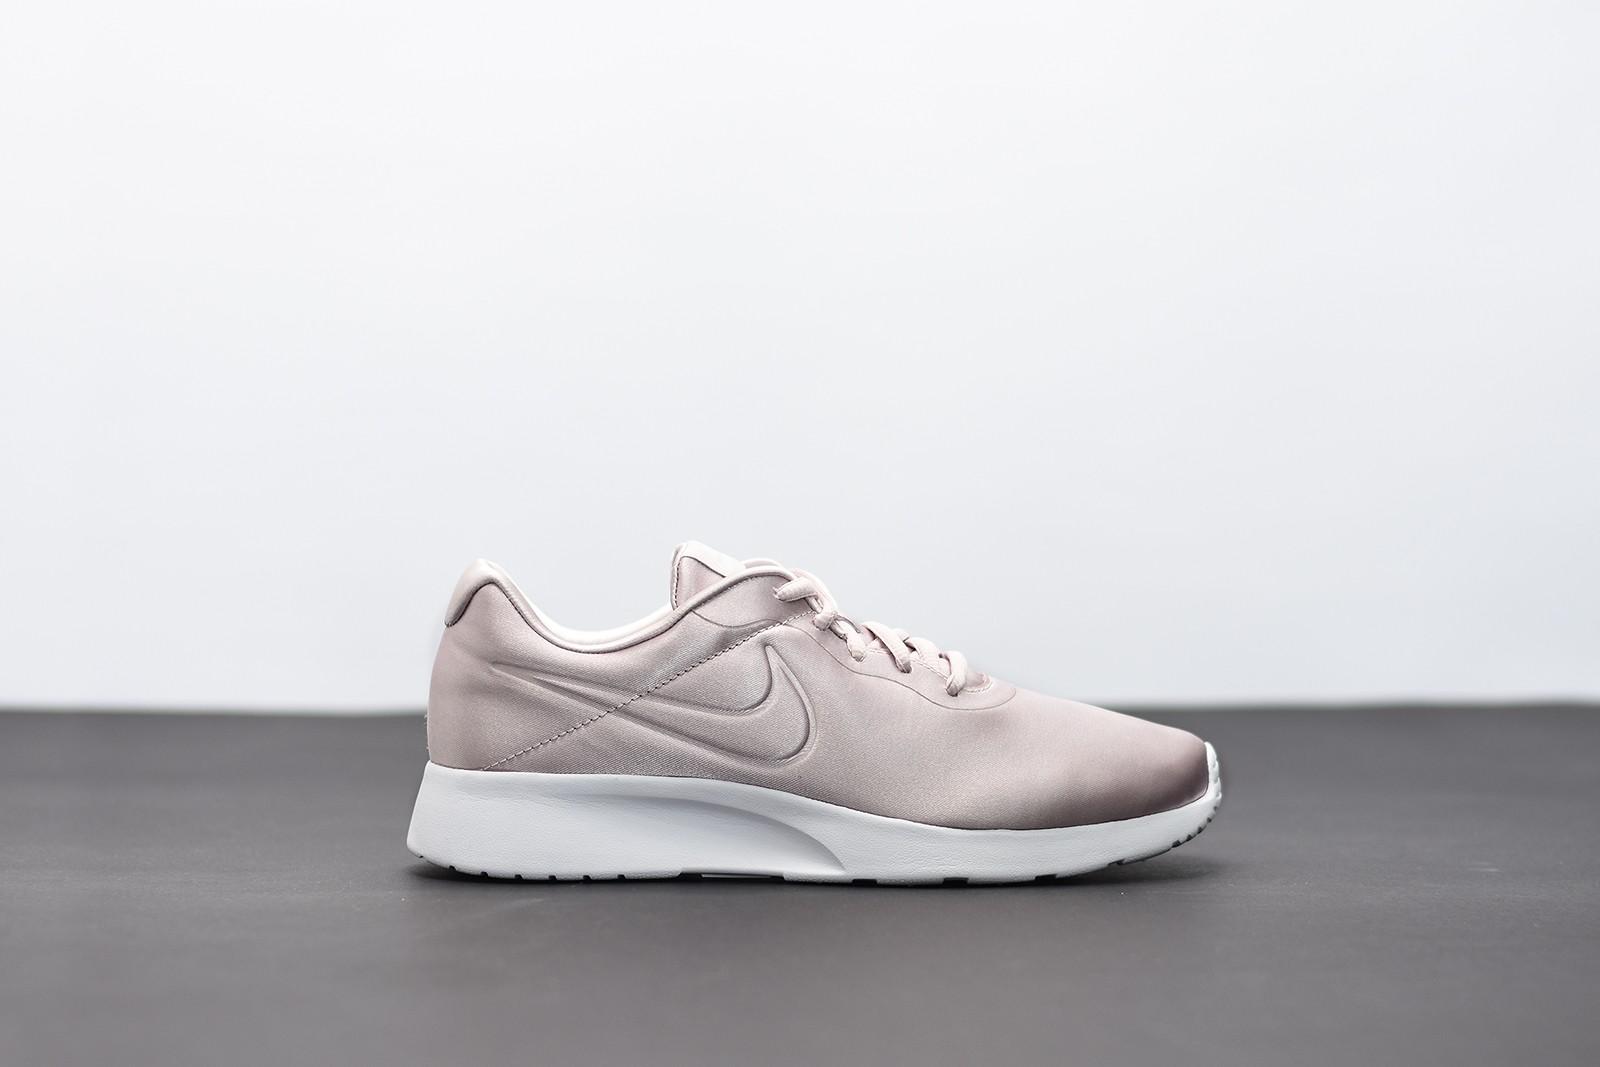 Dámské Tenisky Nike WMNS TANJUN PREM  899cfc589a